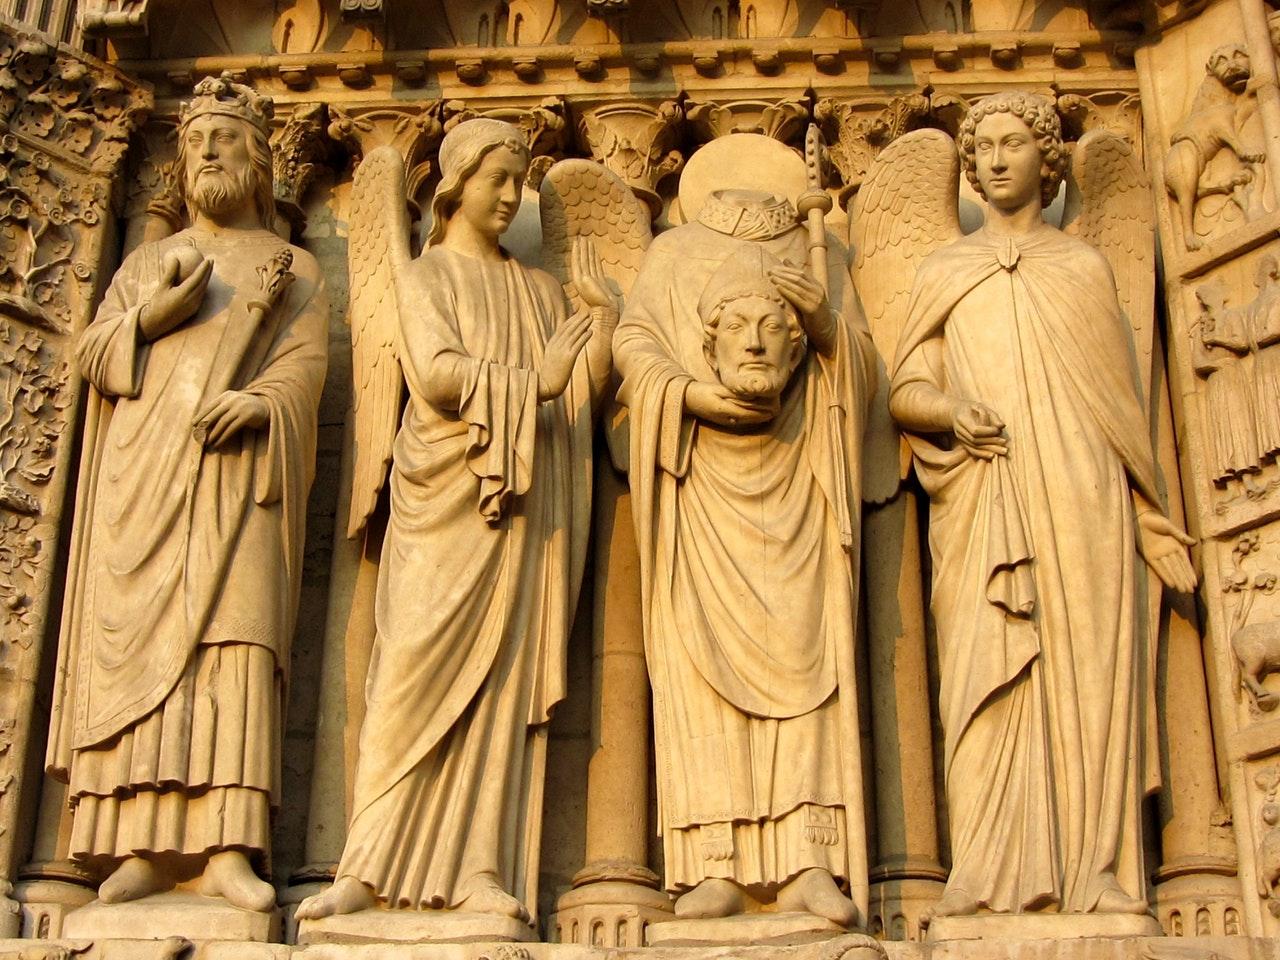 Helgenstatuer på kirkevegg